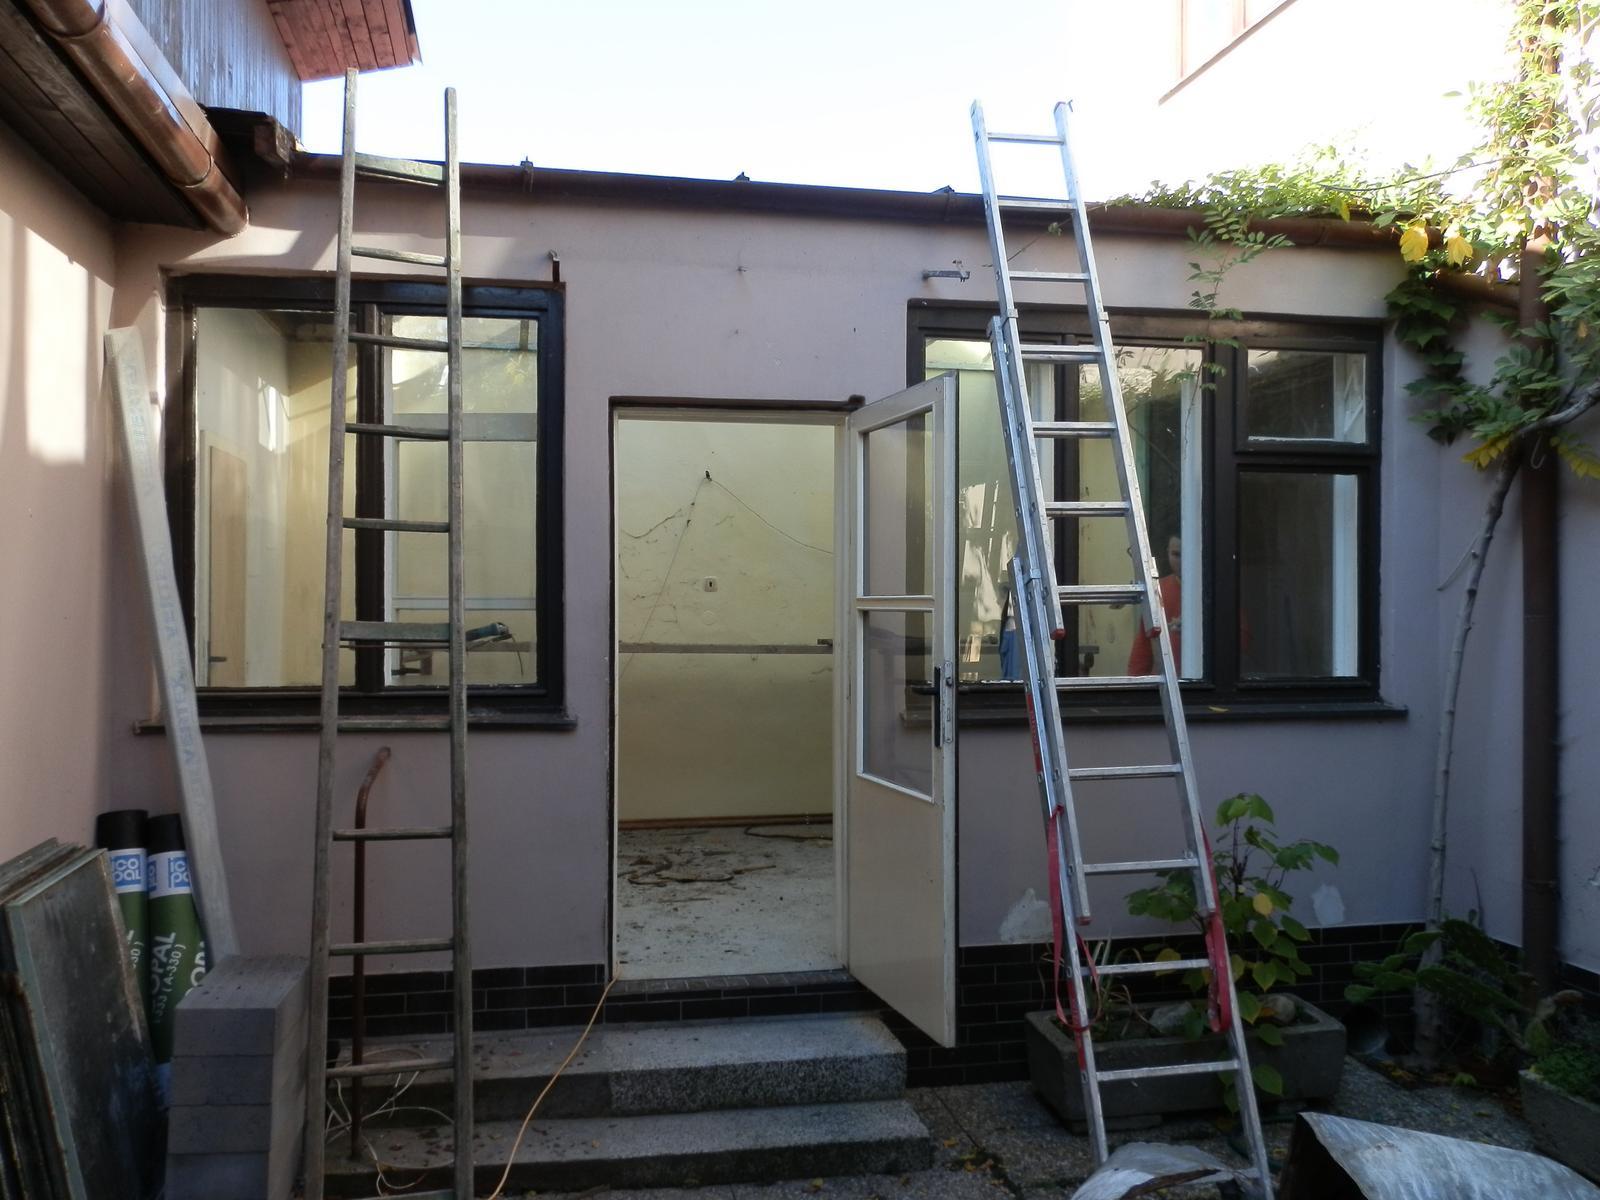 Náš byt v domě- rekonstrukce - Obrázek č. 43